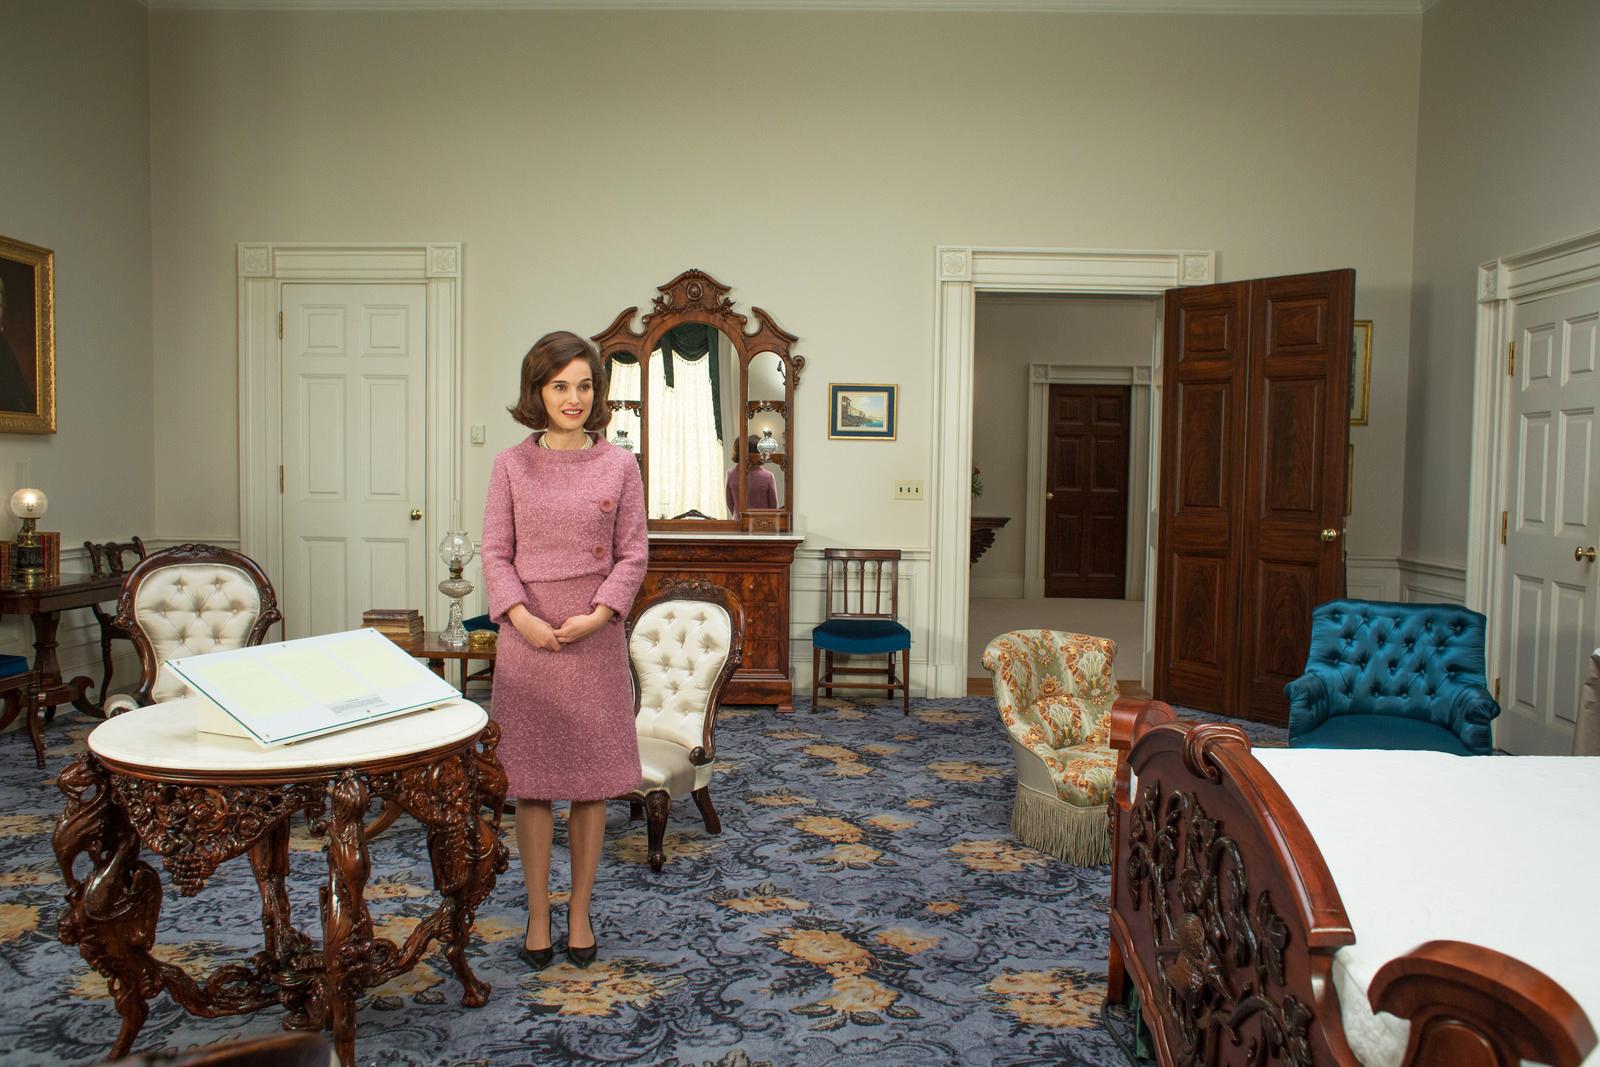 Natalie Portman as Jackie Kennedy in Jackie.